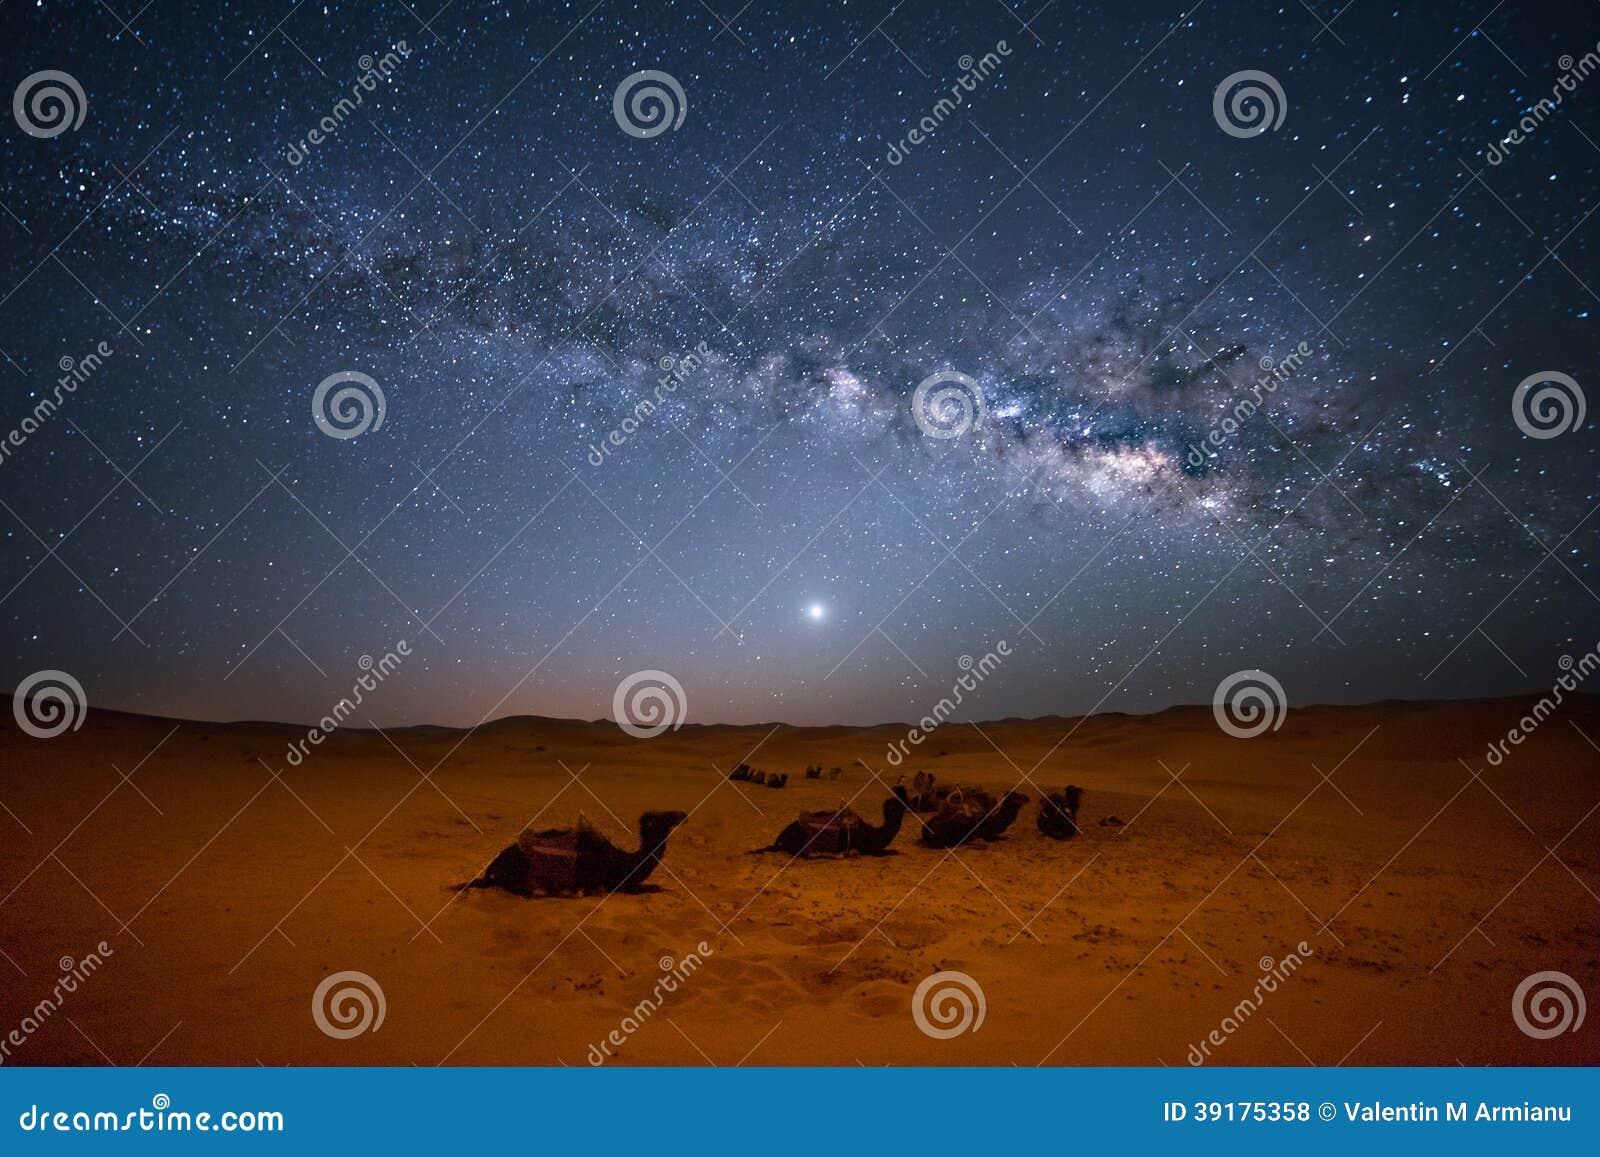 撒哈拉大沙漠银河